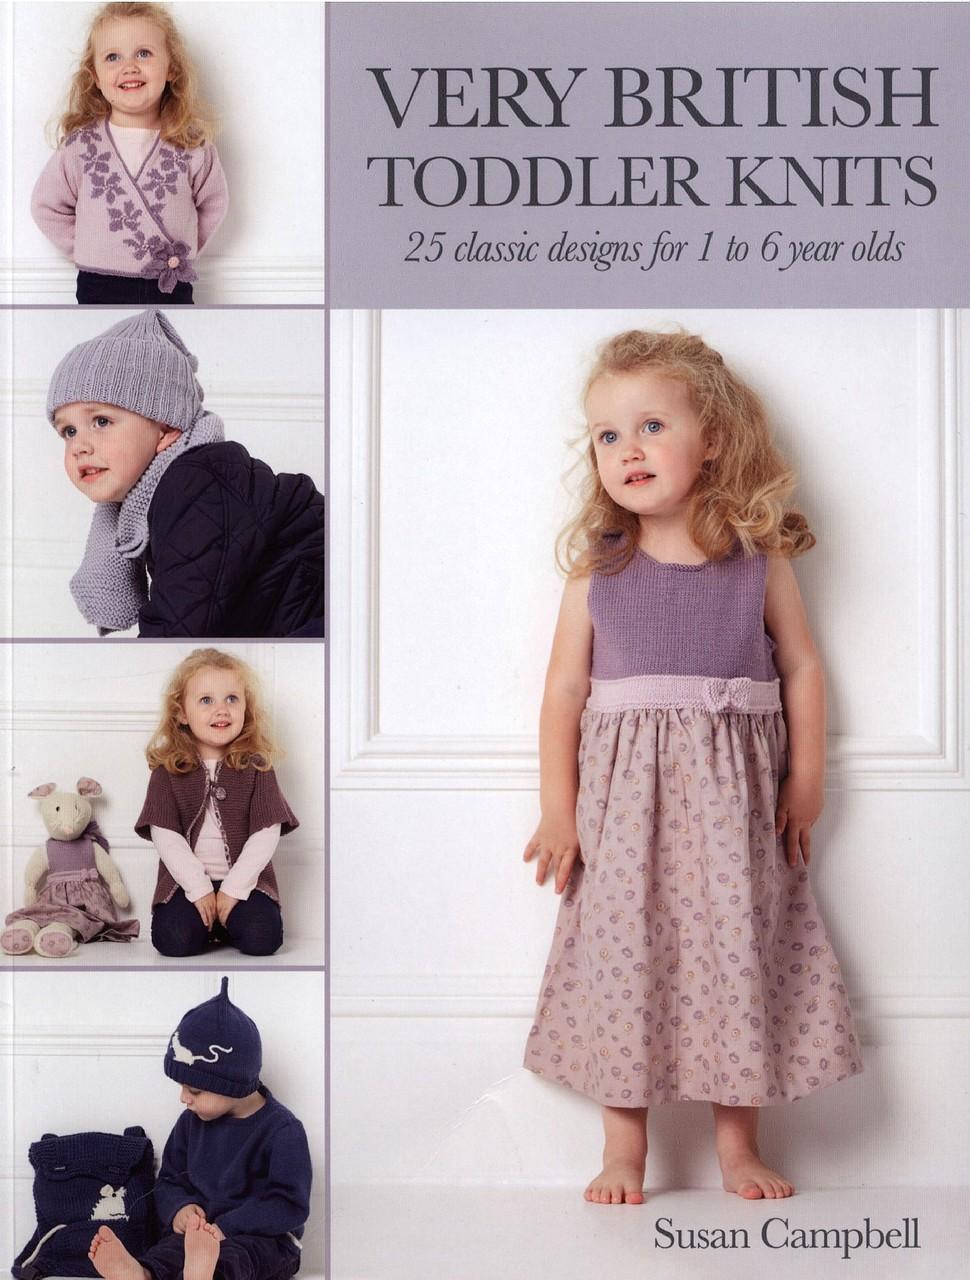 Журнал по вязанию для детей Very British Toddler Knits